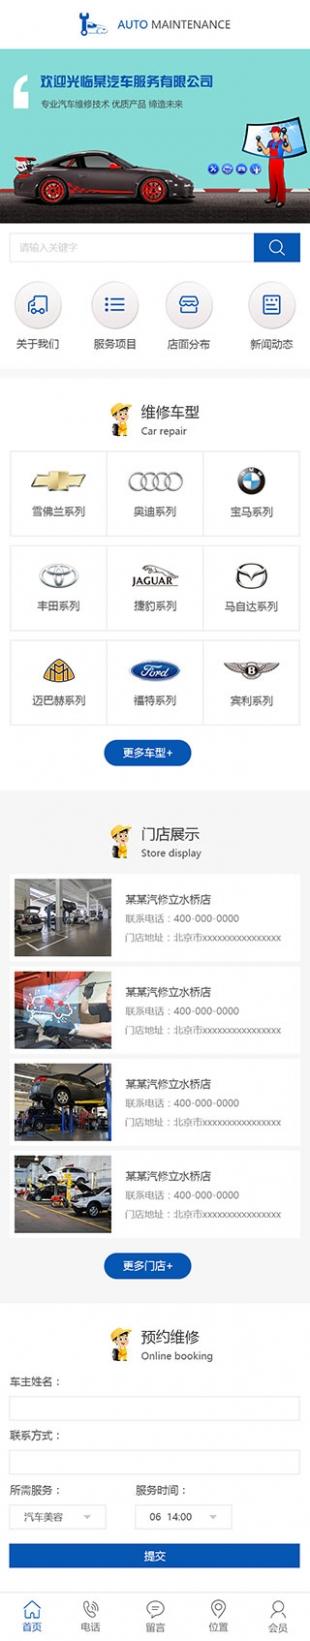 汽车维护类网站通用模板手机图片